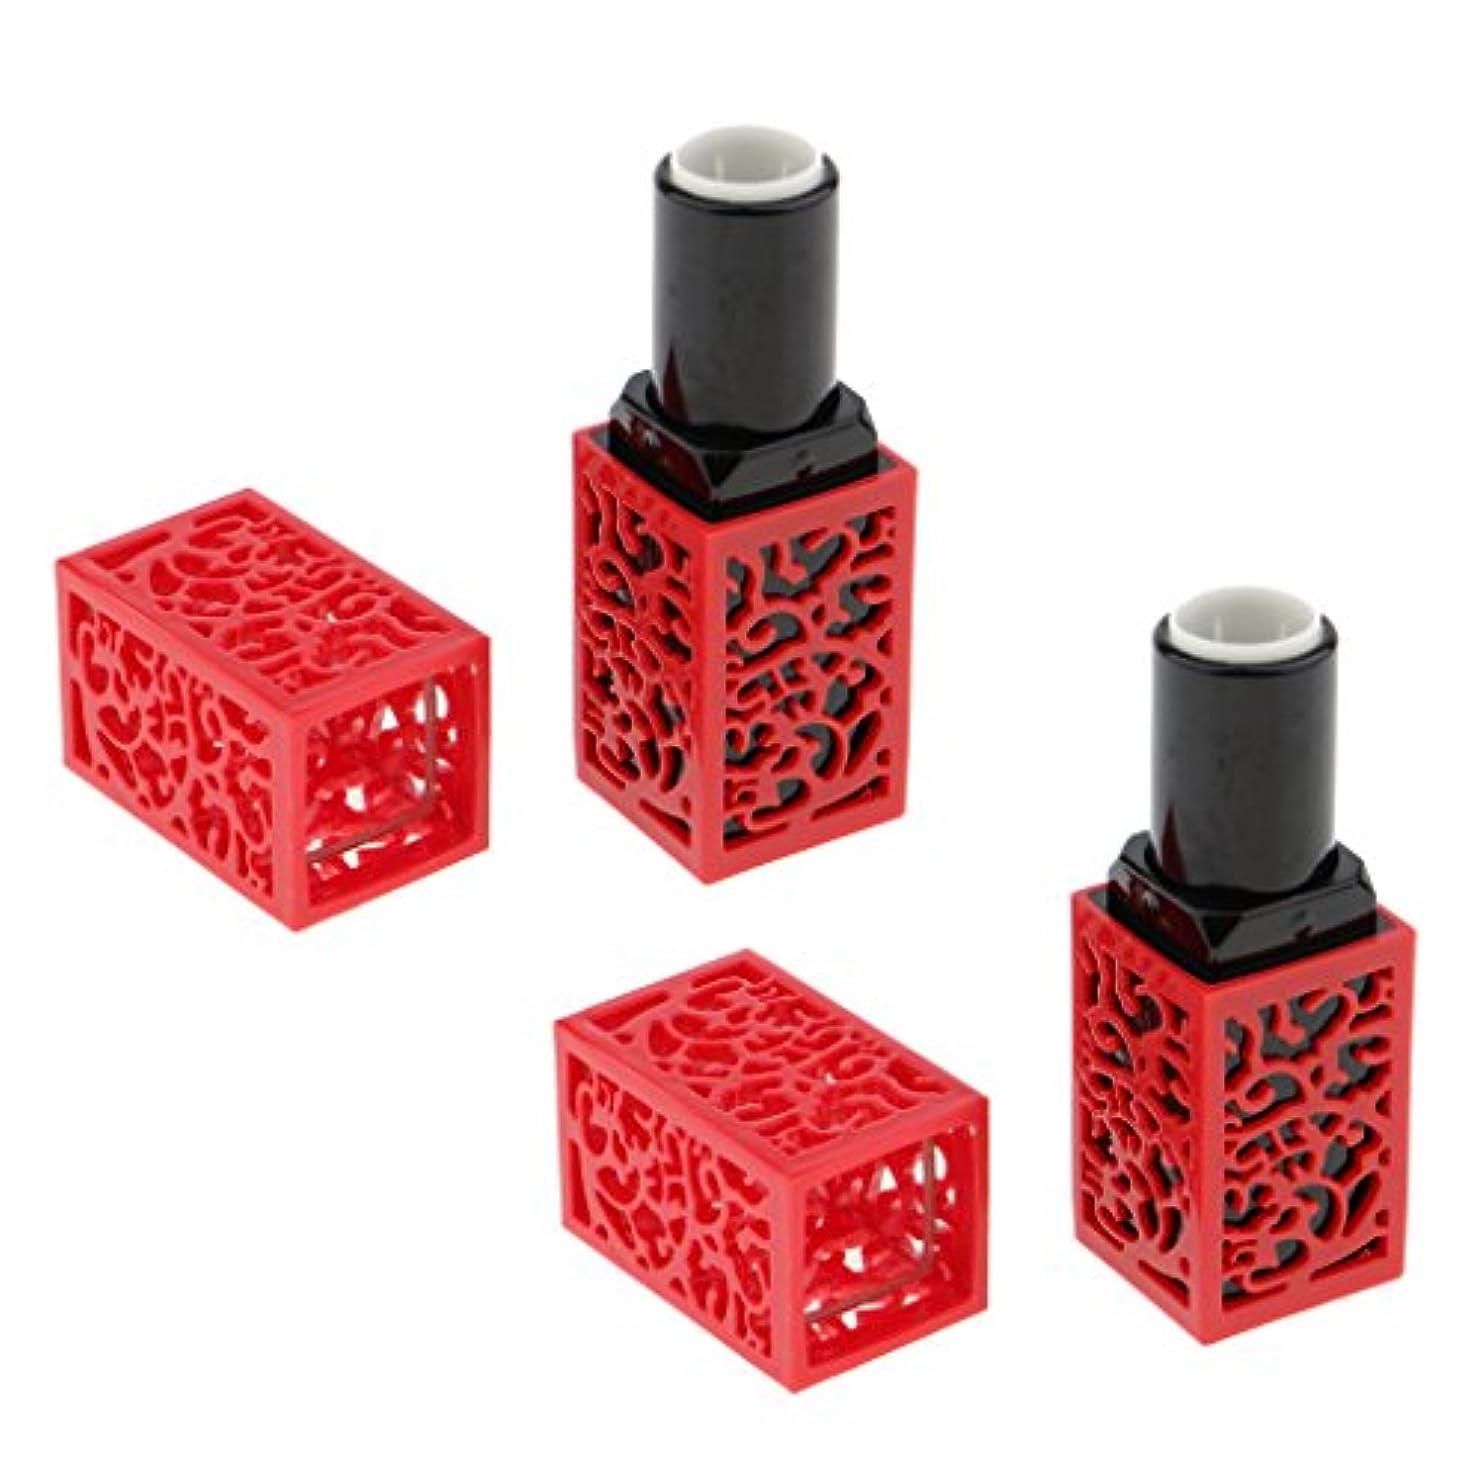 毎回序文メトリックInjoyo リップクリームチューブ 口紅容器 リップスティック コンテナ コスメ DIY 詰替え容器 2個セット - 赤